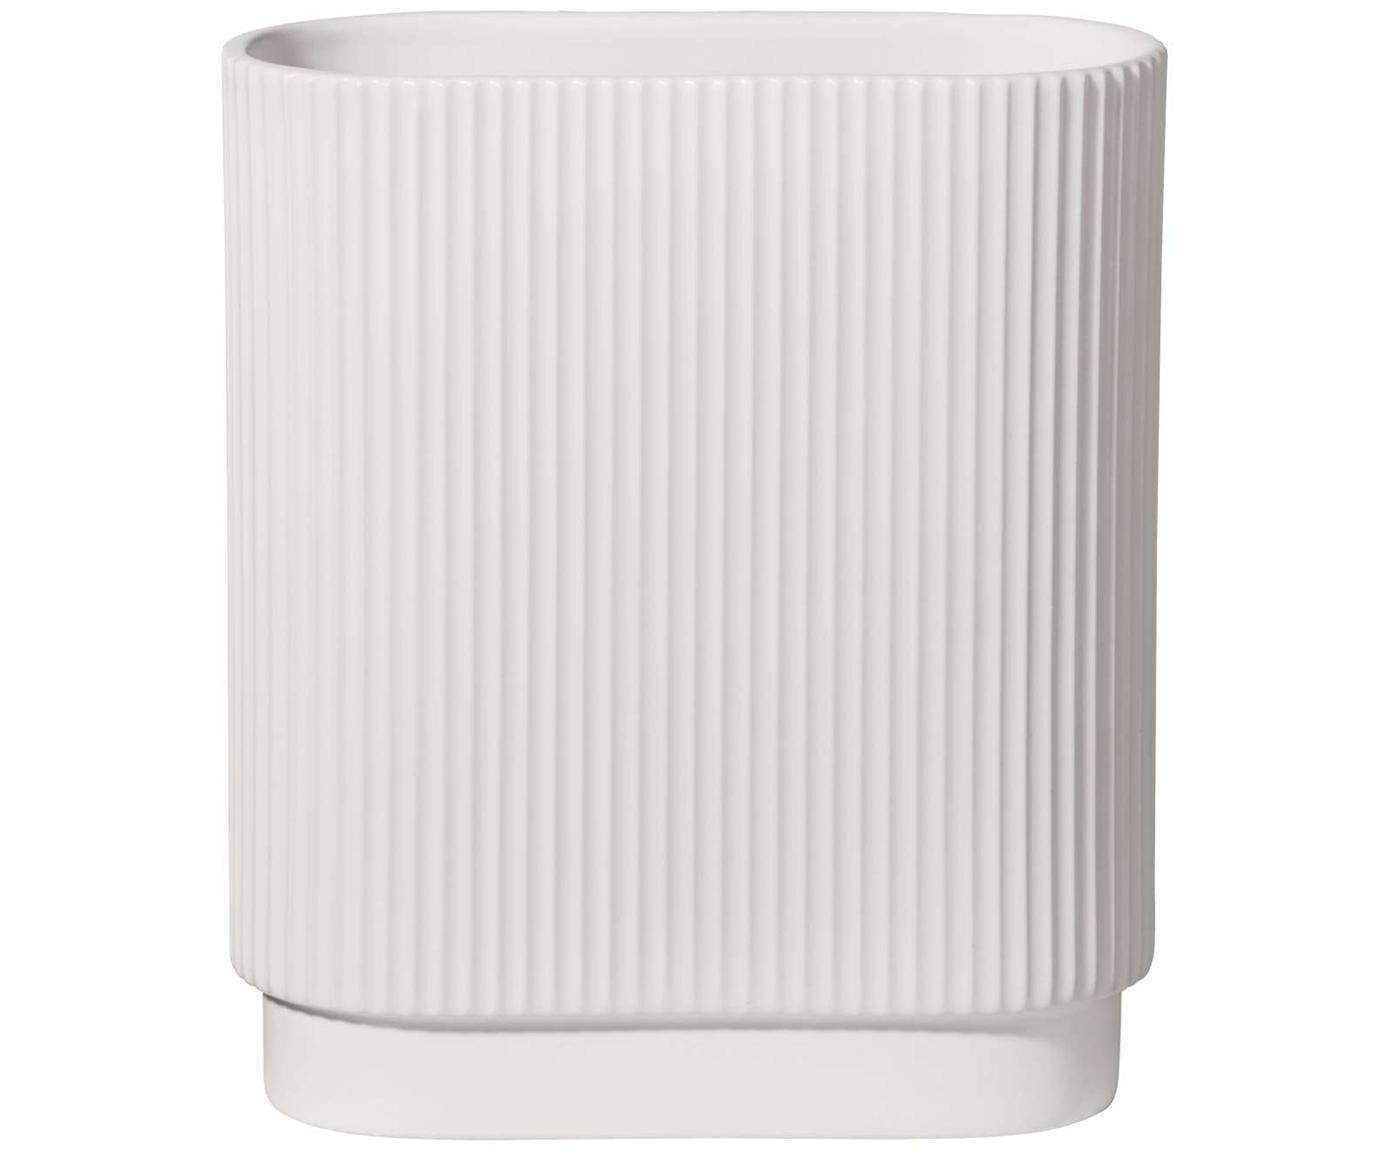 Große Vase Art Deco aus Porzellan, Porzellan, Weiß, 17 x 20 cm